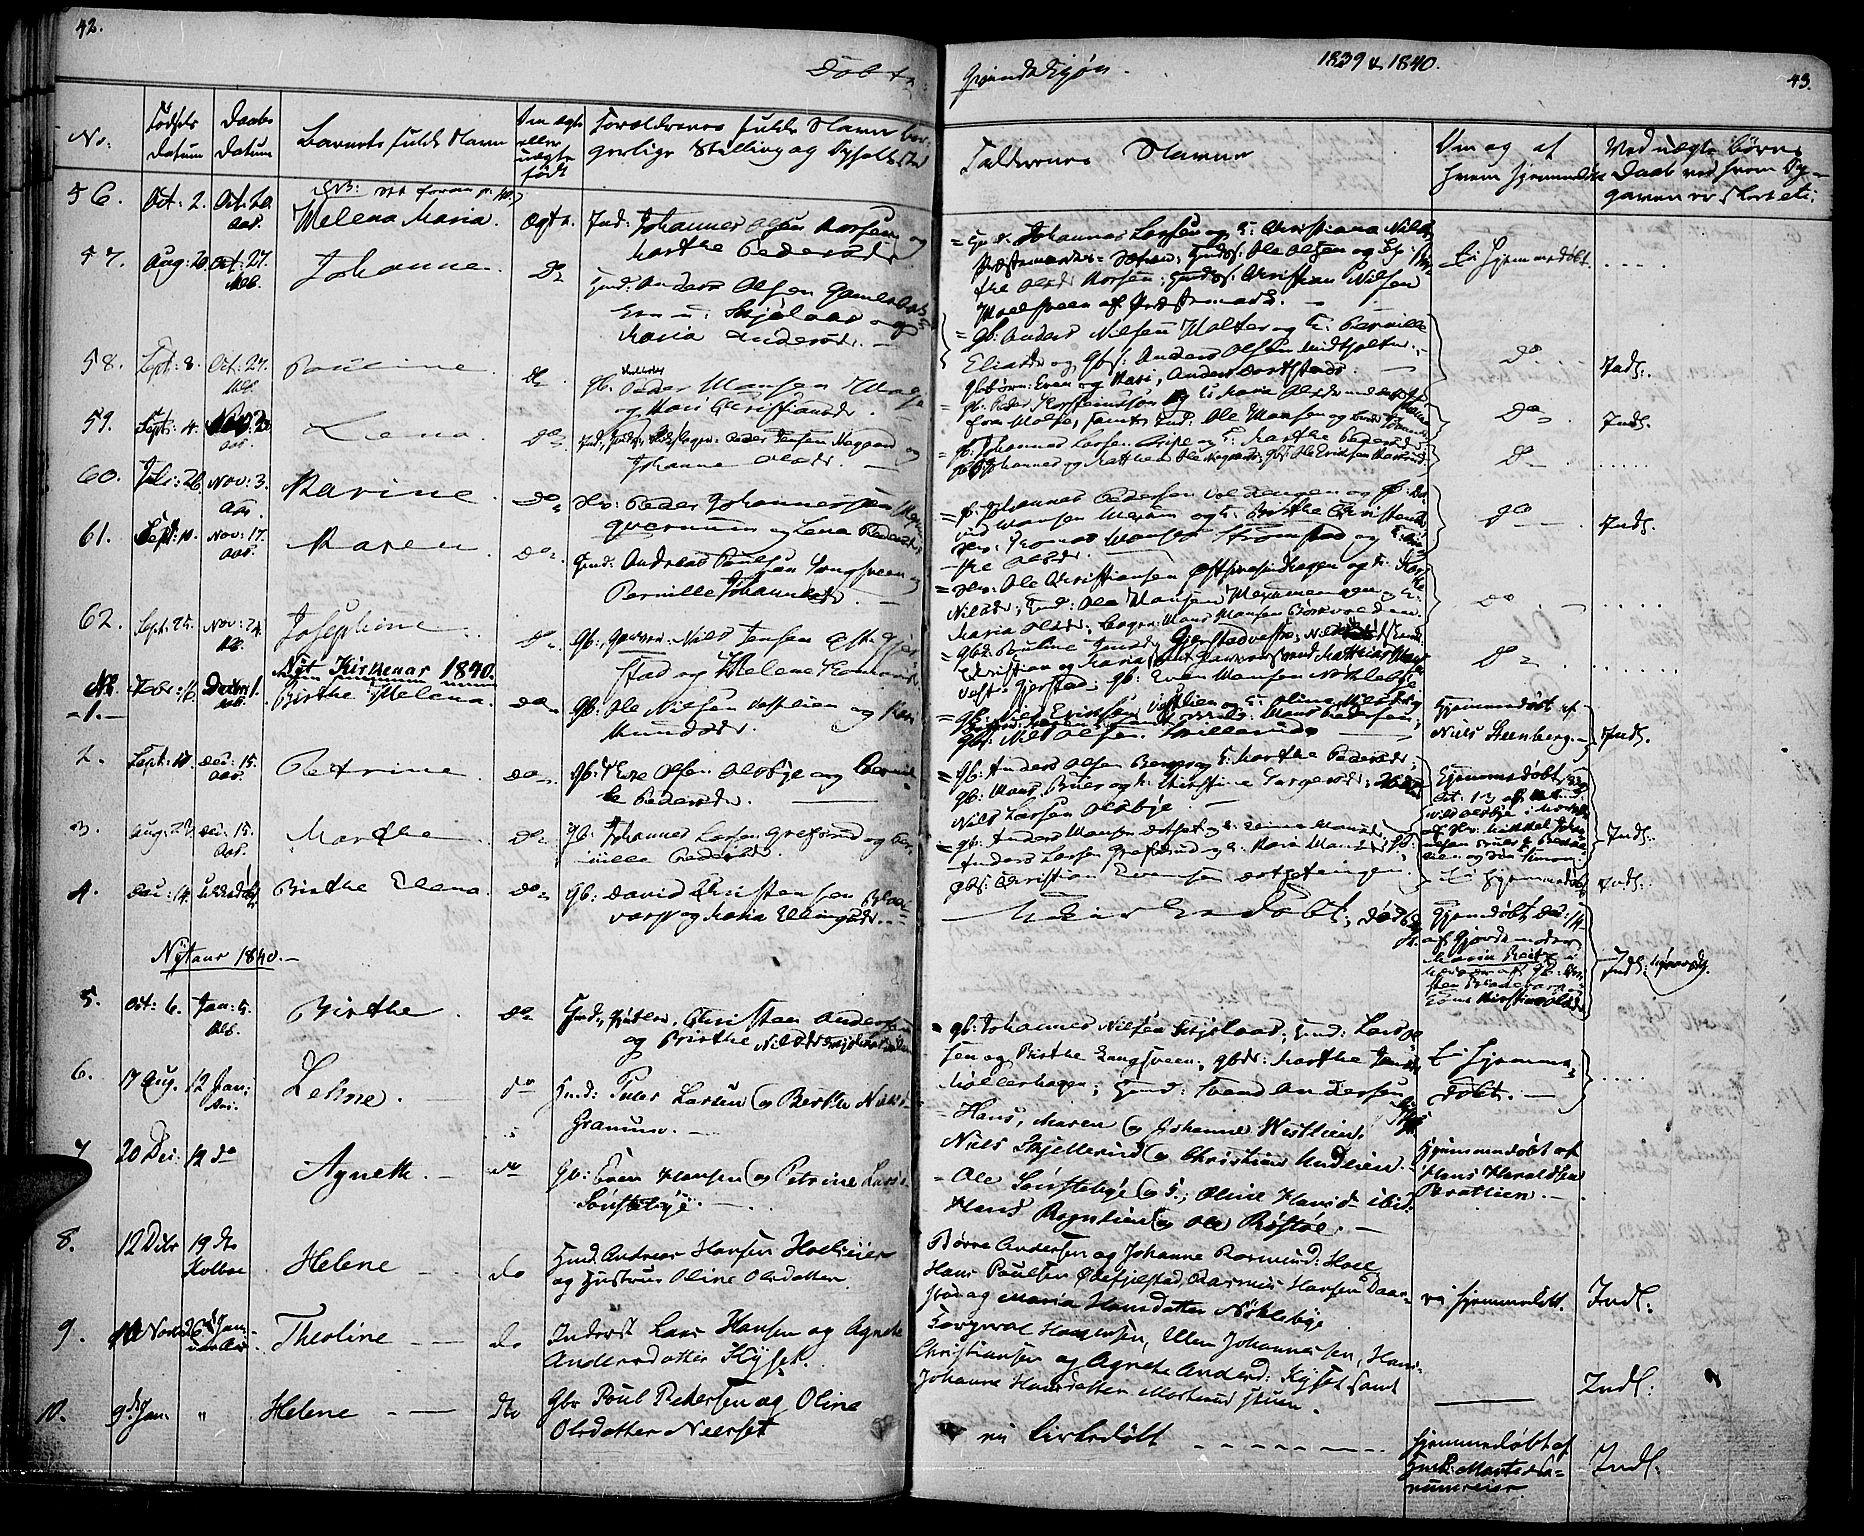 SAH, Vestre Toten prestekontor, Ministerialbok nr. 3, 1836-1843, s. 42-43